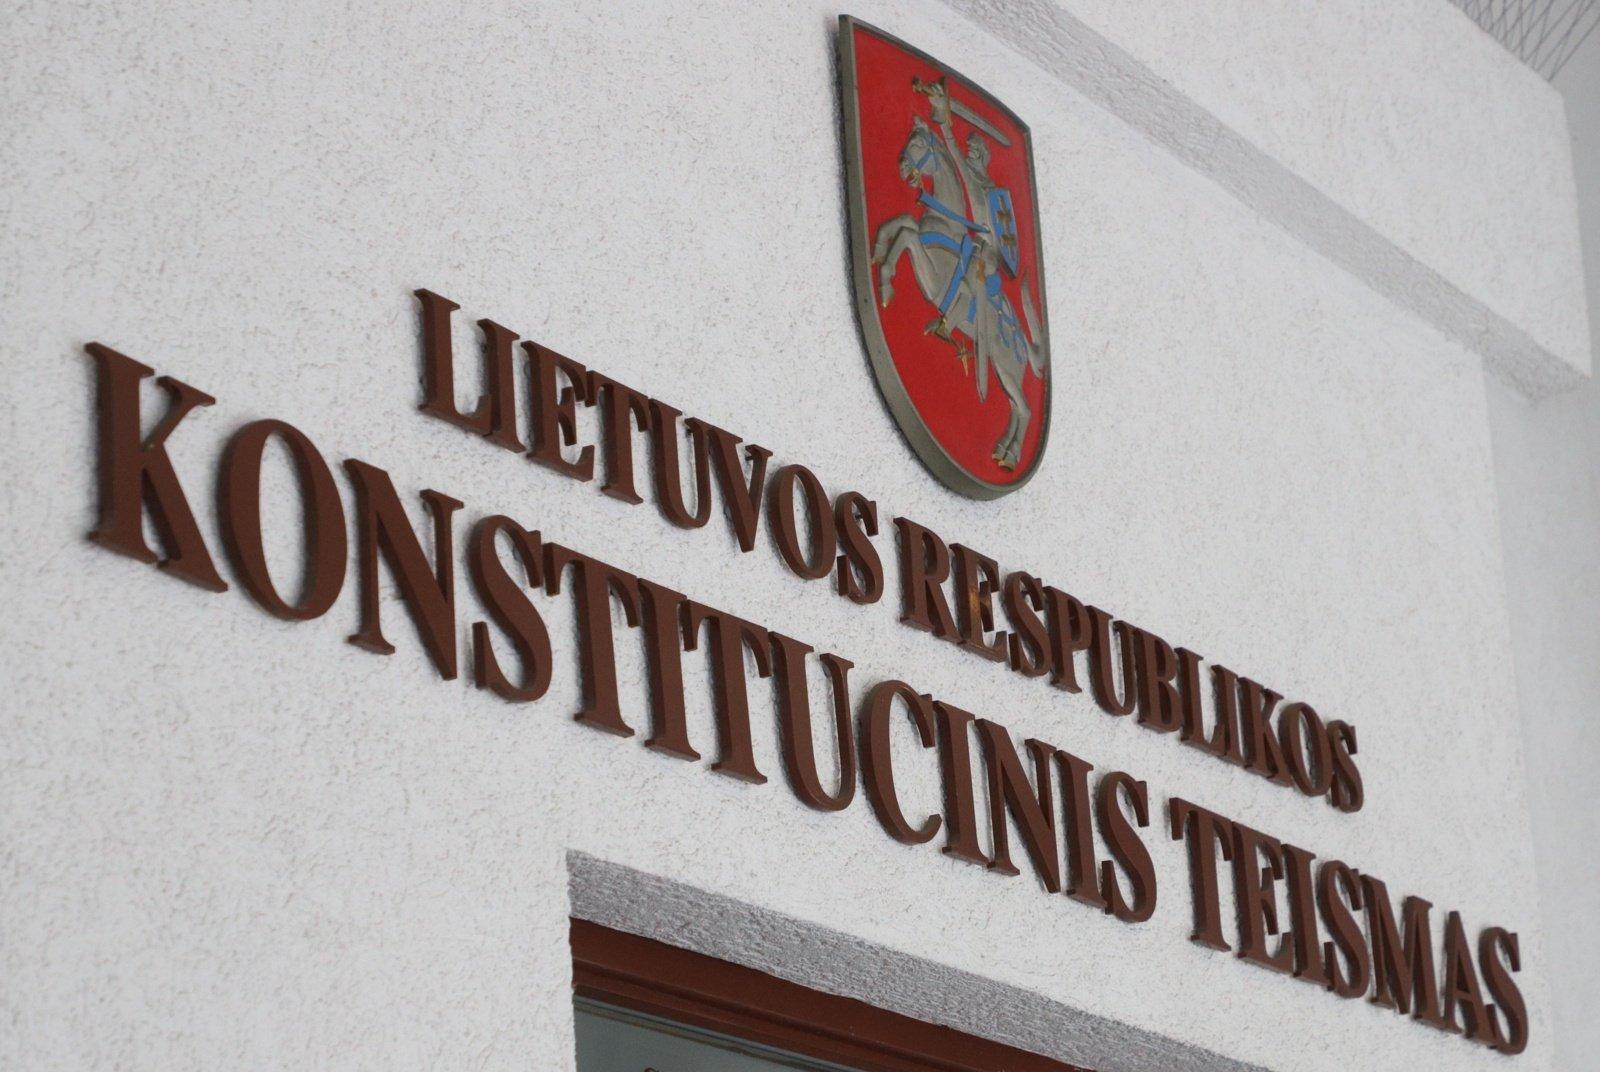 Seimas KT teisėjais paskyrė A. Norkūną, G. Lastauskienę, A. Kabišaičio kandidatūra atmesta